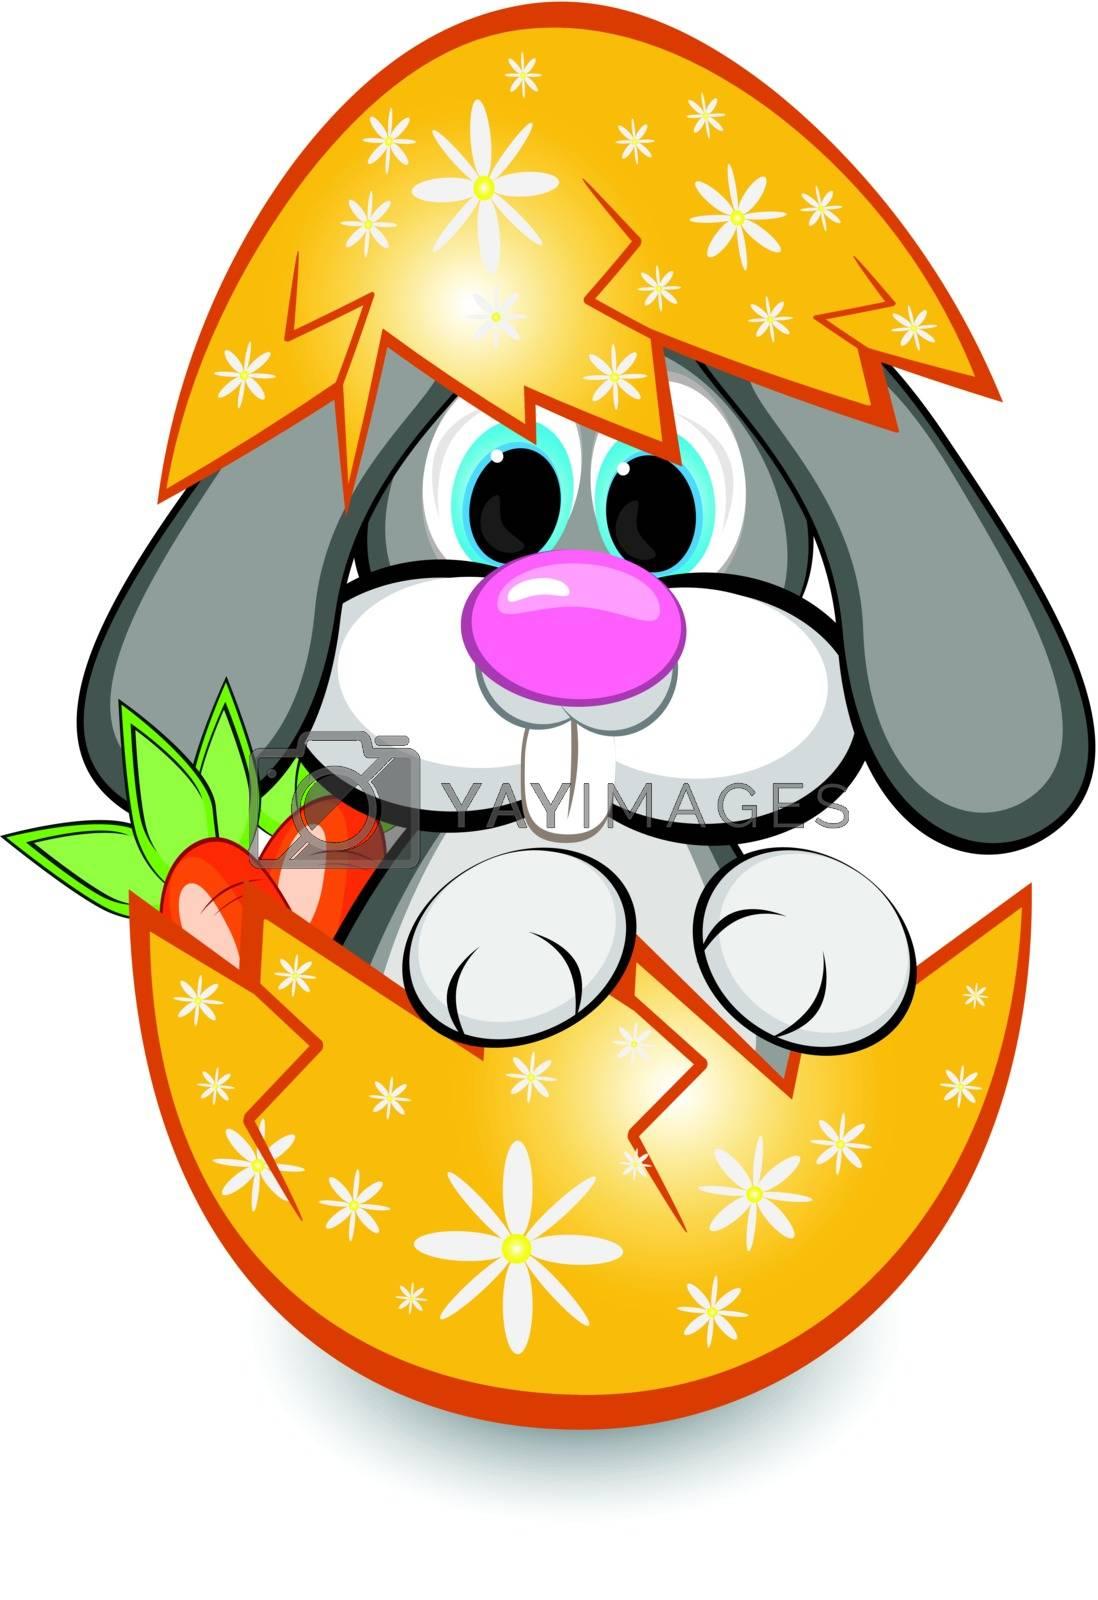 Rabbit in the egg. Illustration on white background